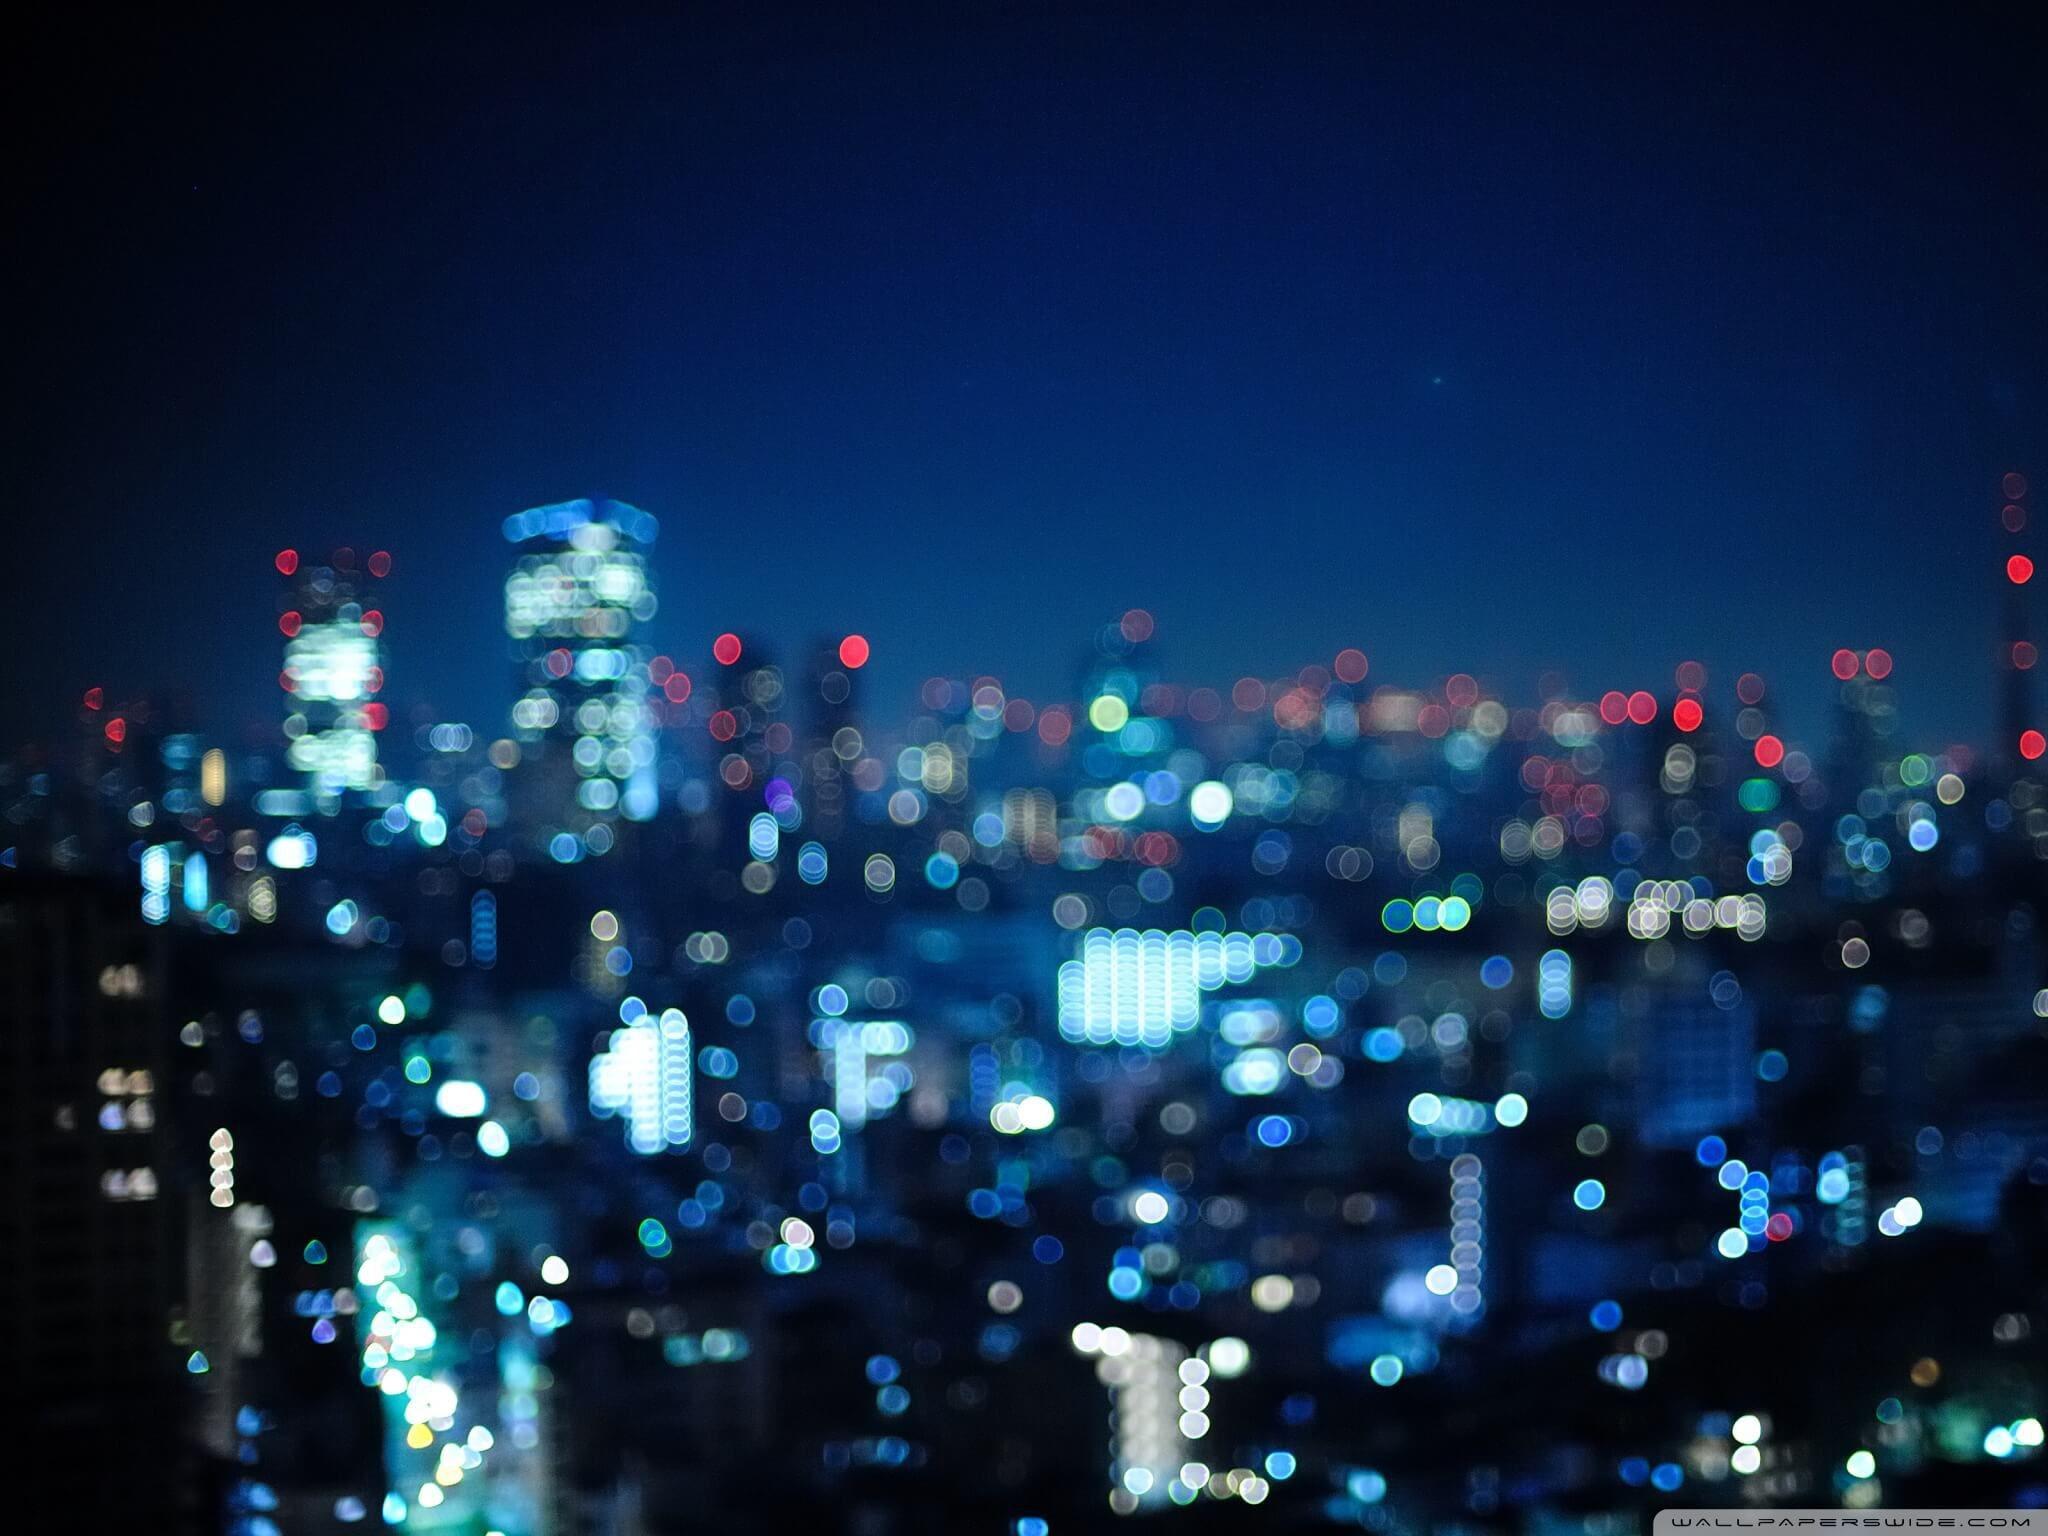 Bokeh Blue in The City HD Wallpaper